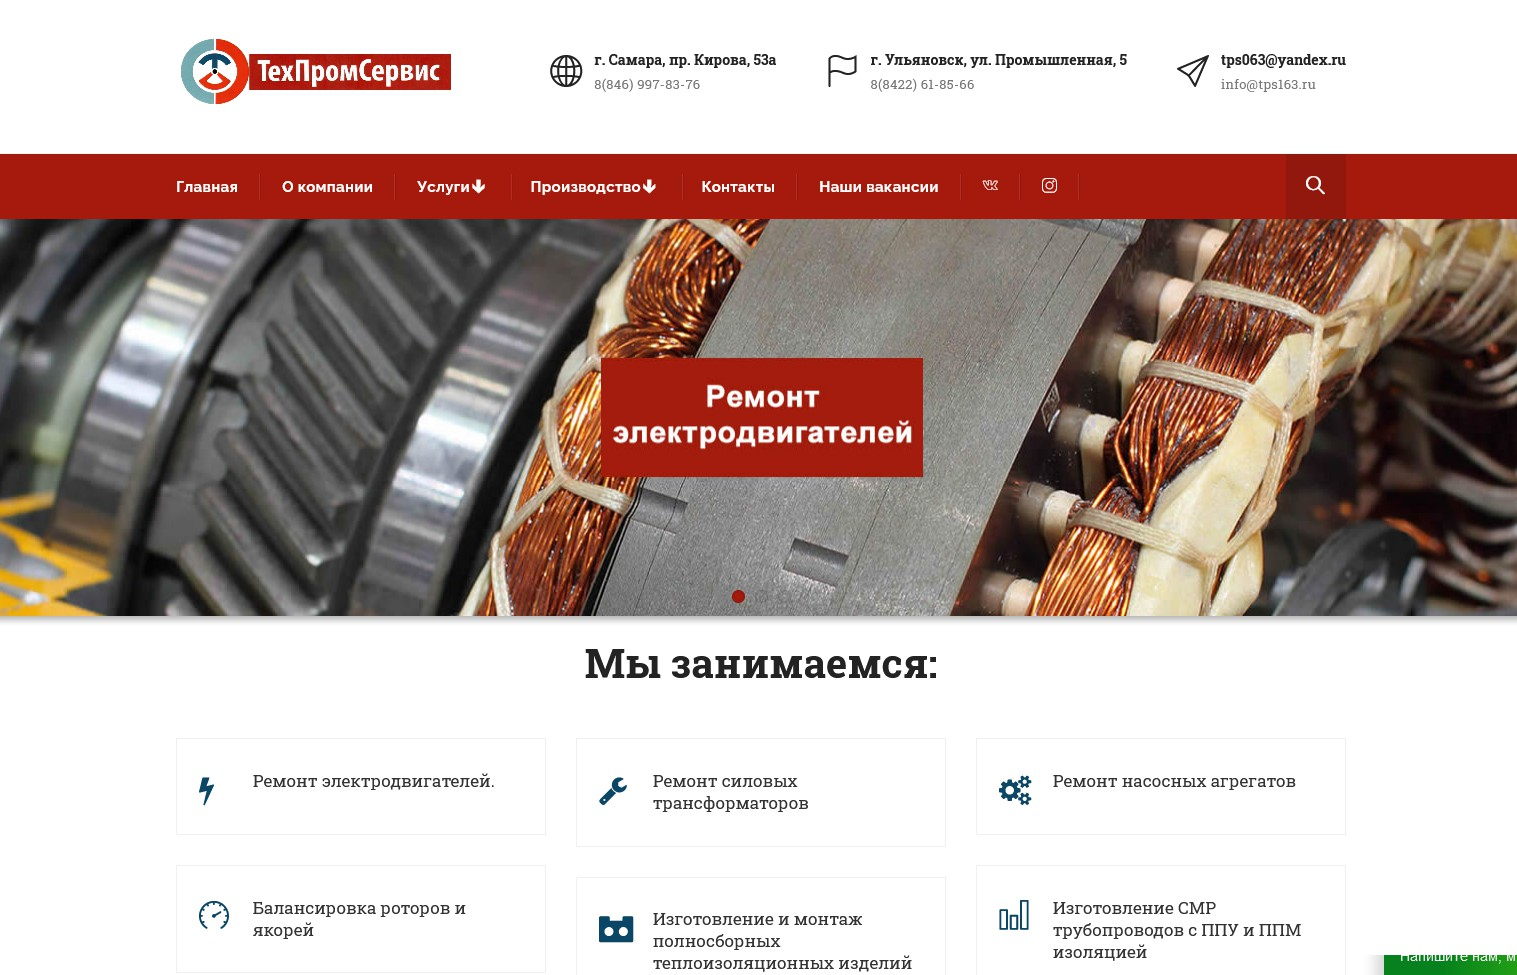 testps2.maxwebdev.ru